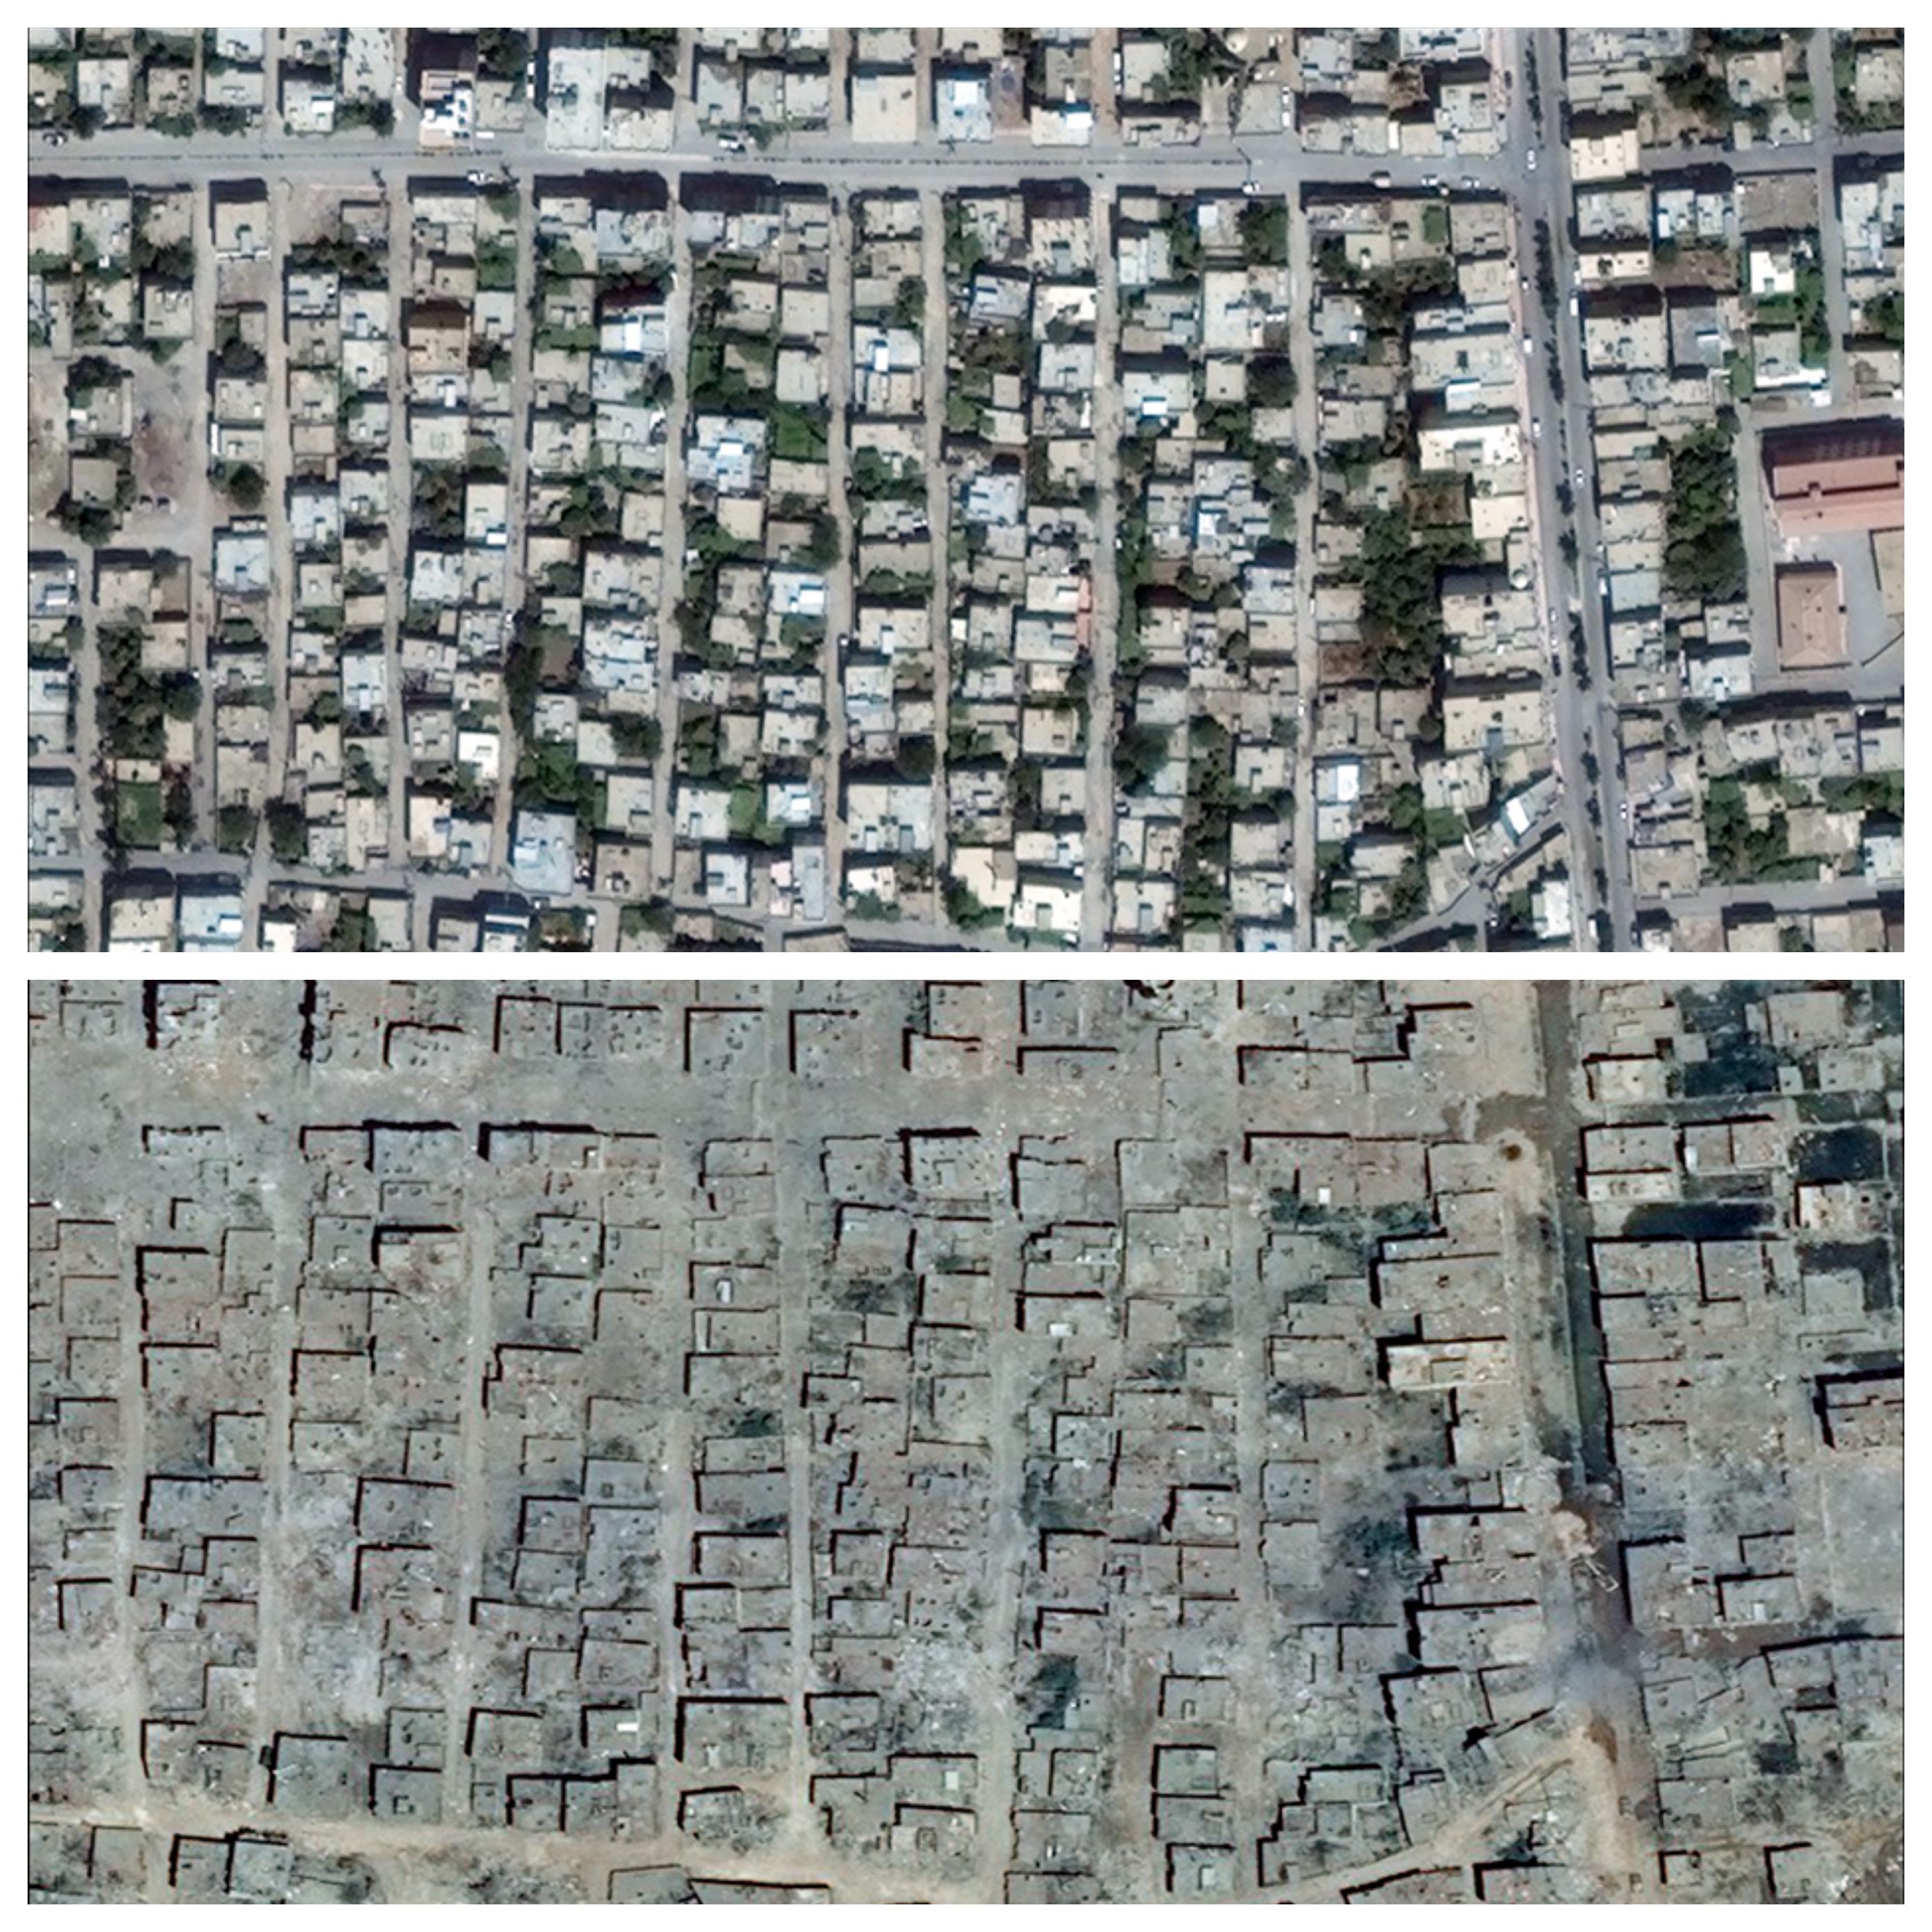 Der Menschnrechtskommissar der Vereinten Nationen veröffentlichte diese Satellitenbilder der Stadt Nusaybin in der Südost-Türkei - vor und nach den Kämpfen.